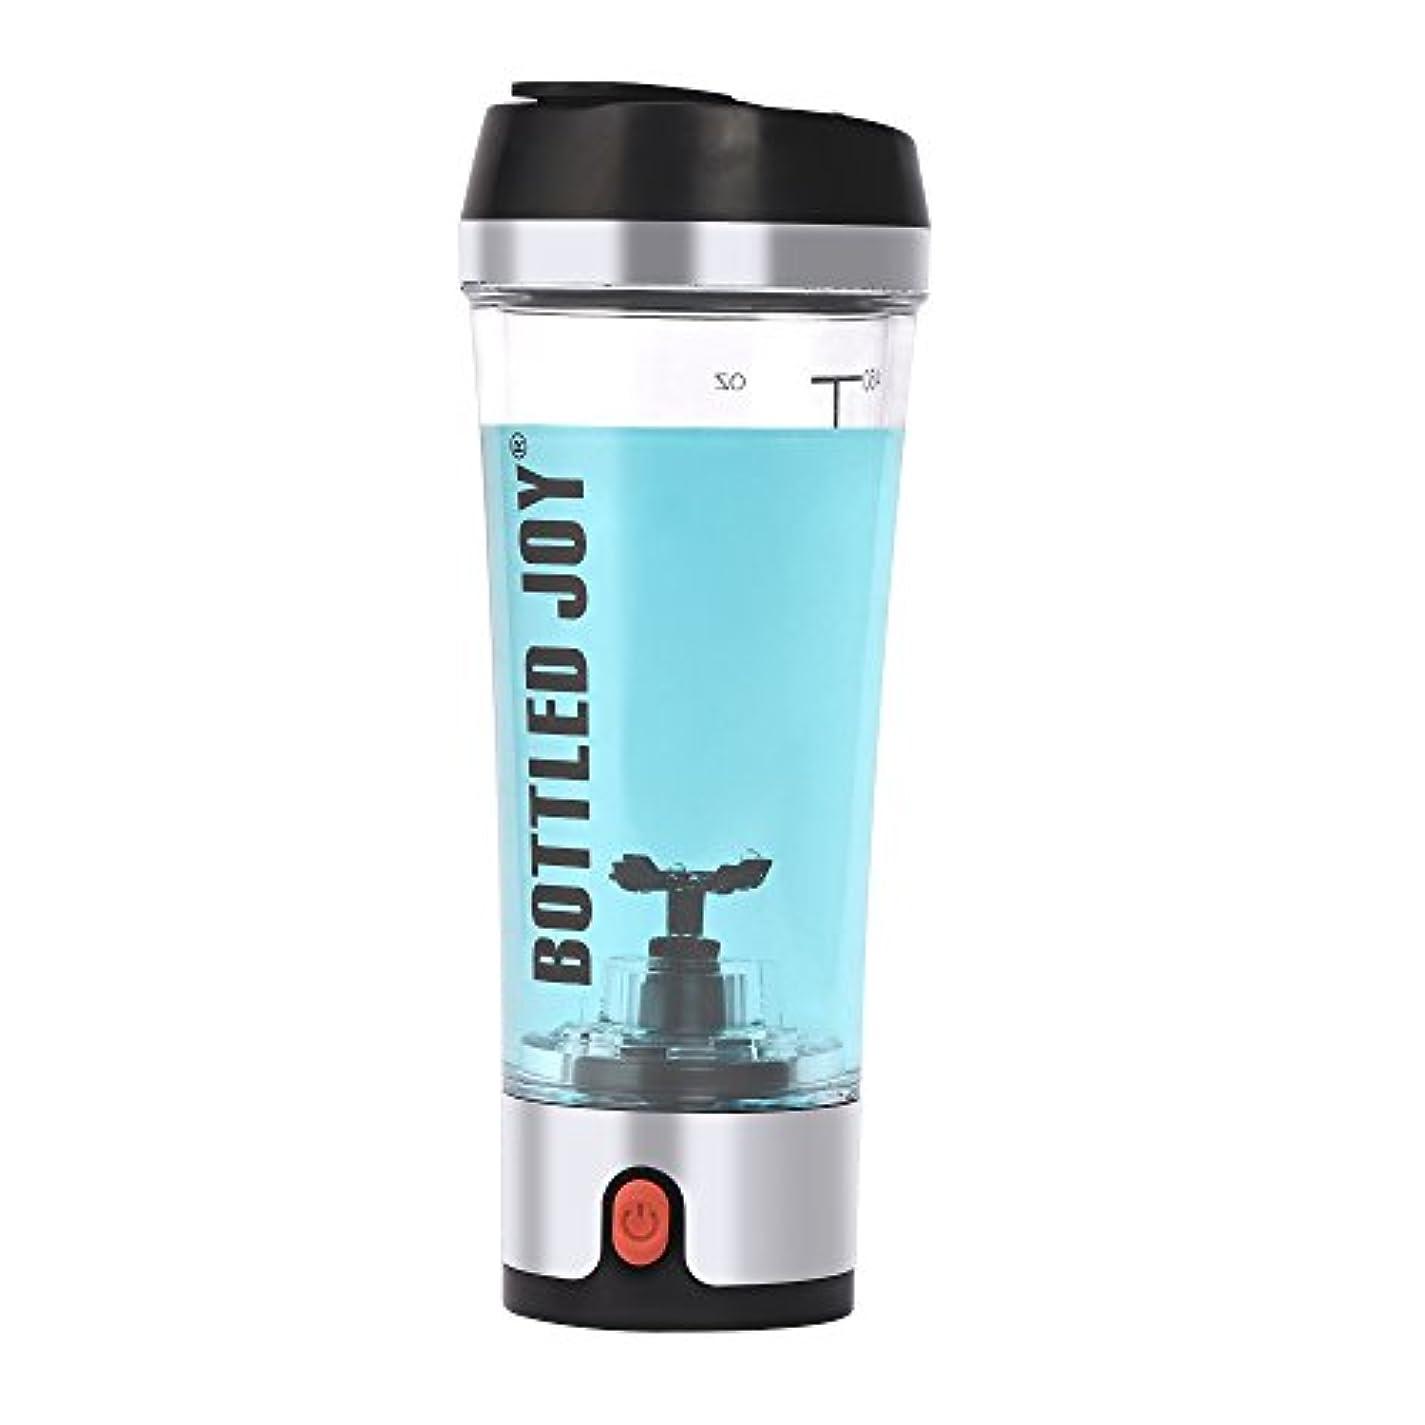 びっくりした溶融ライバルBottled Joy Electric Shaker Bottle、USB Rechargeable Protein Shaker、high-torque Stirring Blenderミキサーのスポーツマンと女性16oz...